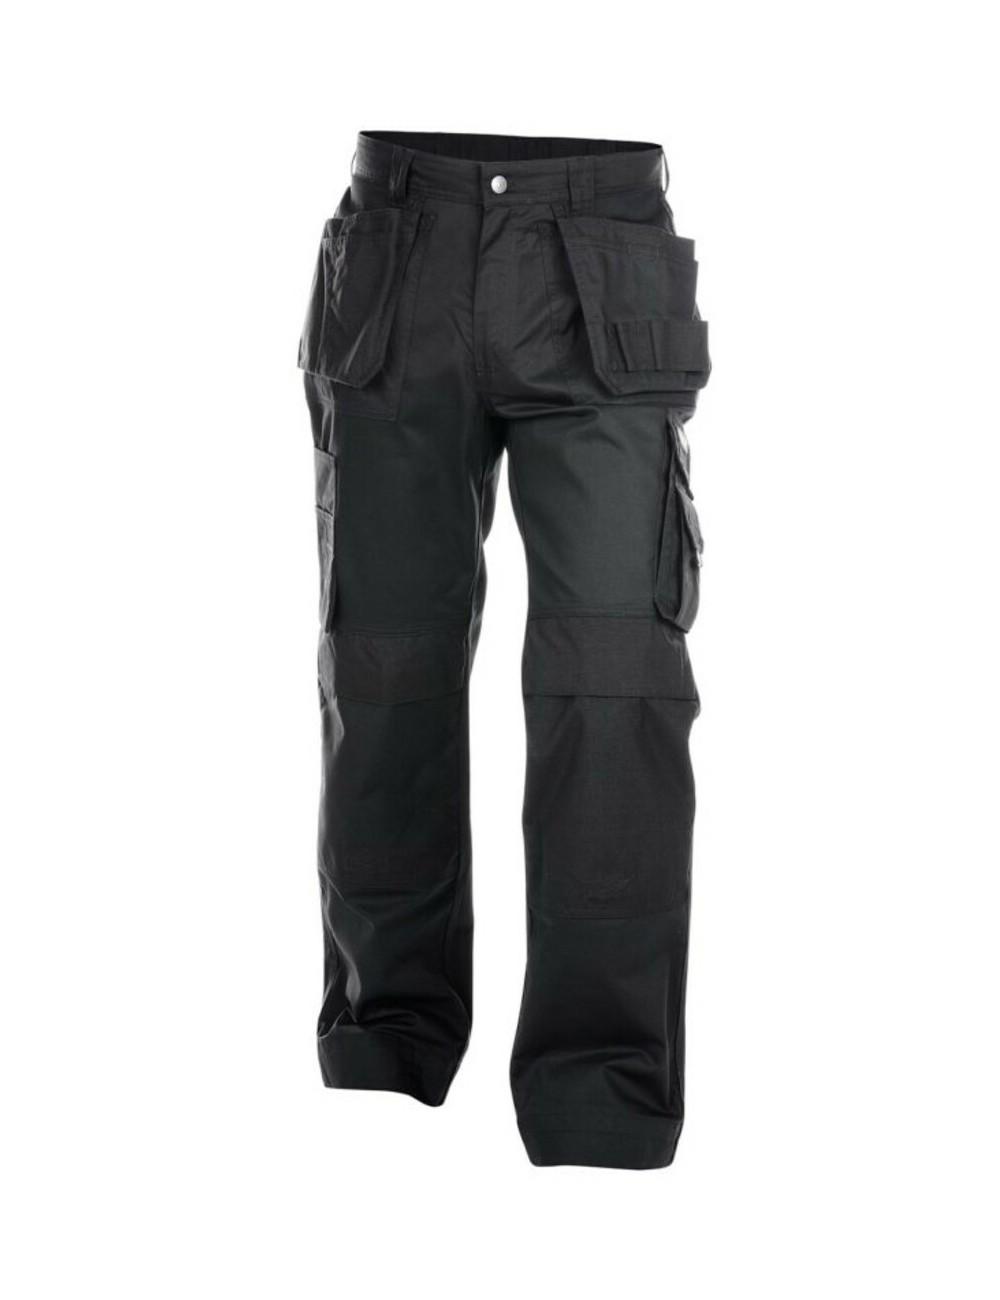 Spodnie robocze Dassy Oxford